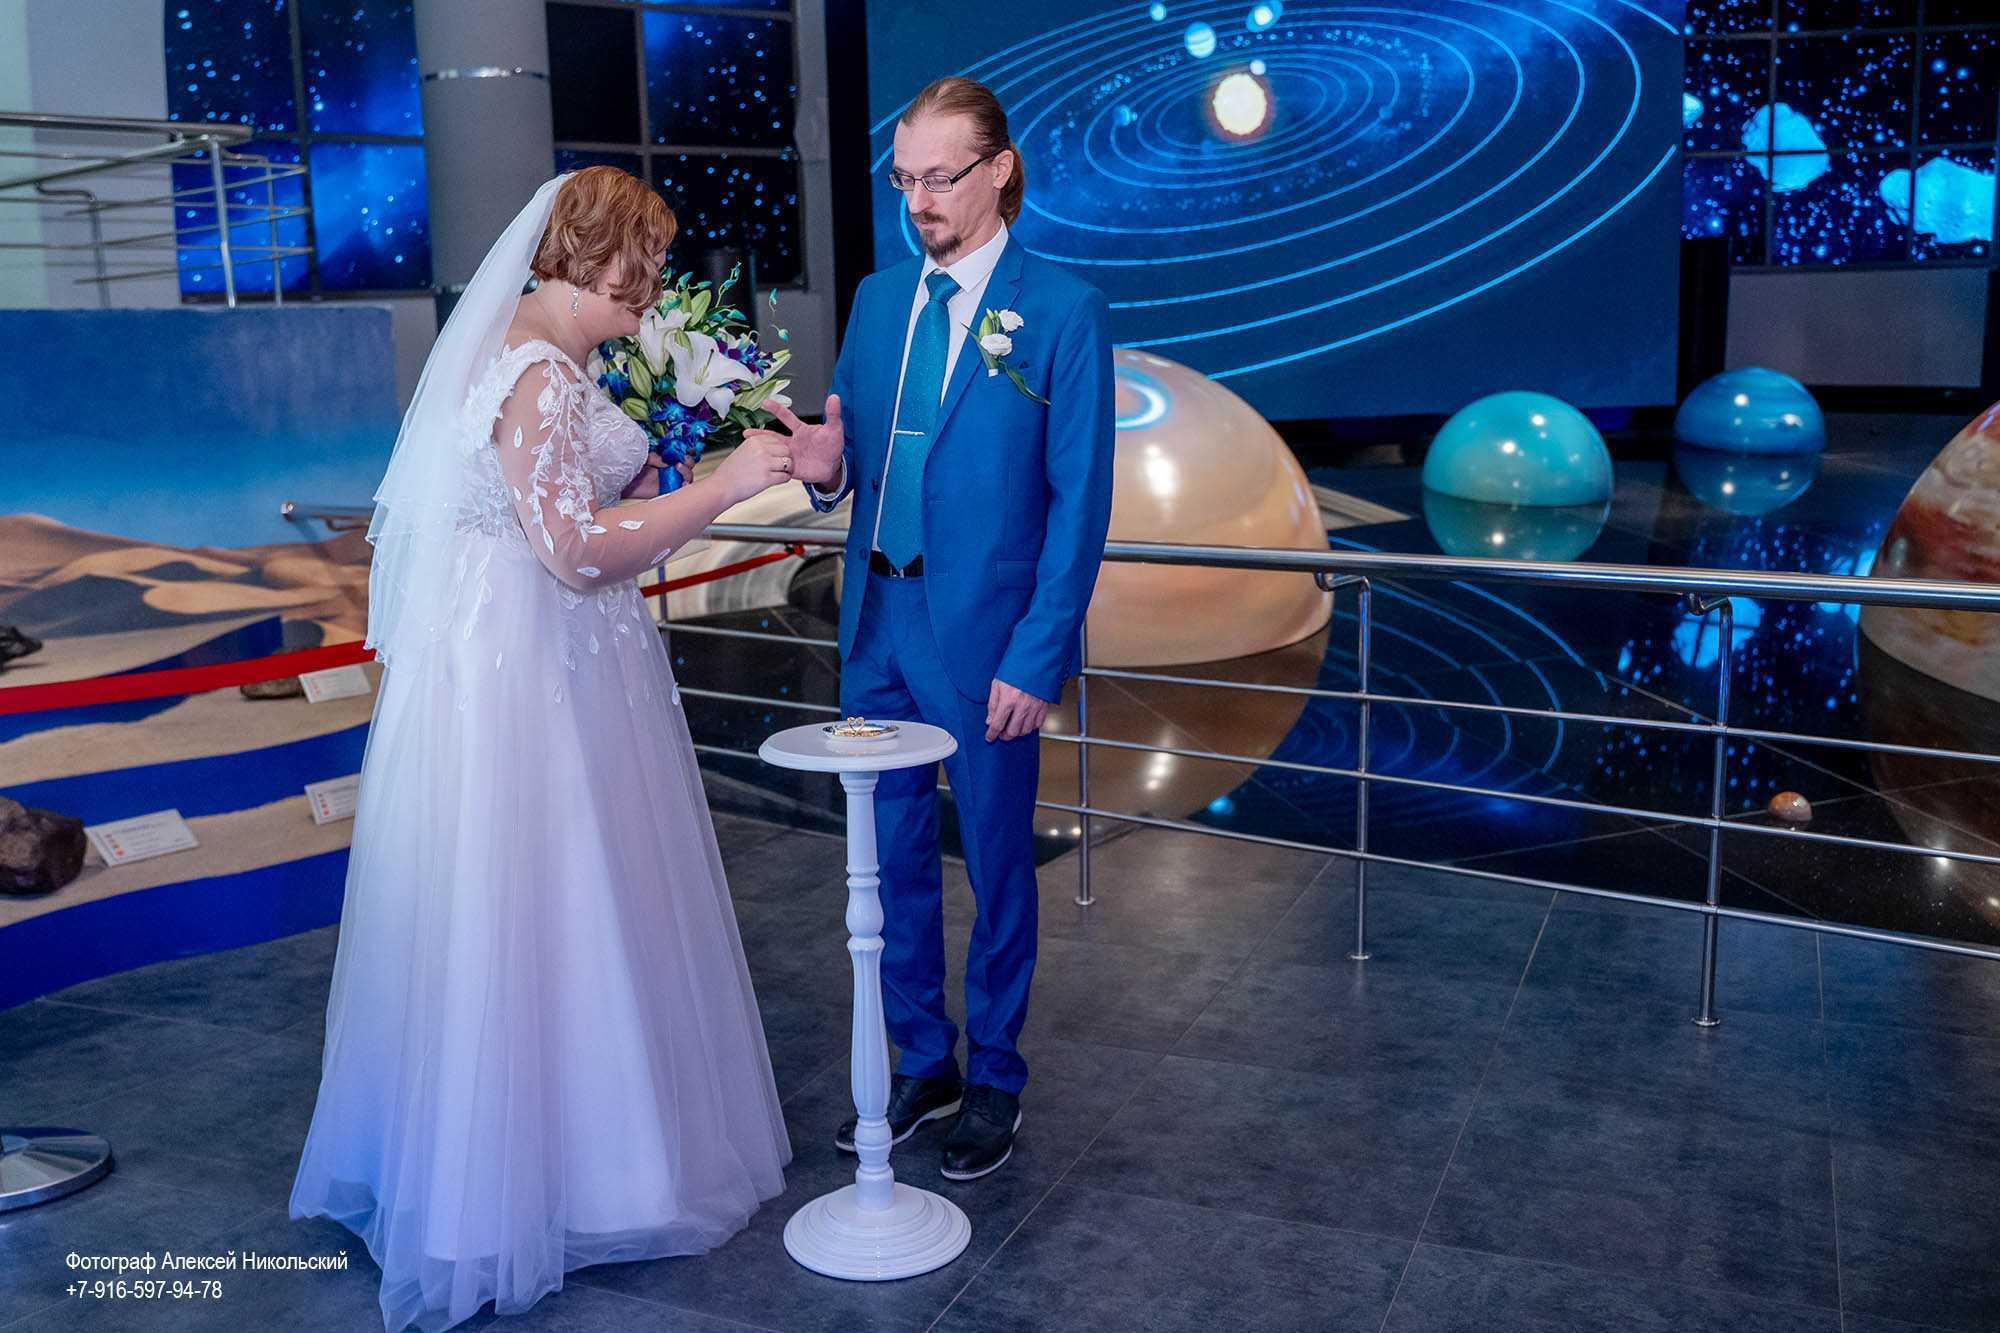 фото в планетарии на регистрации брака фотограф